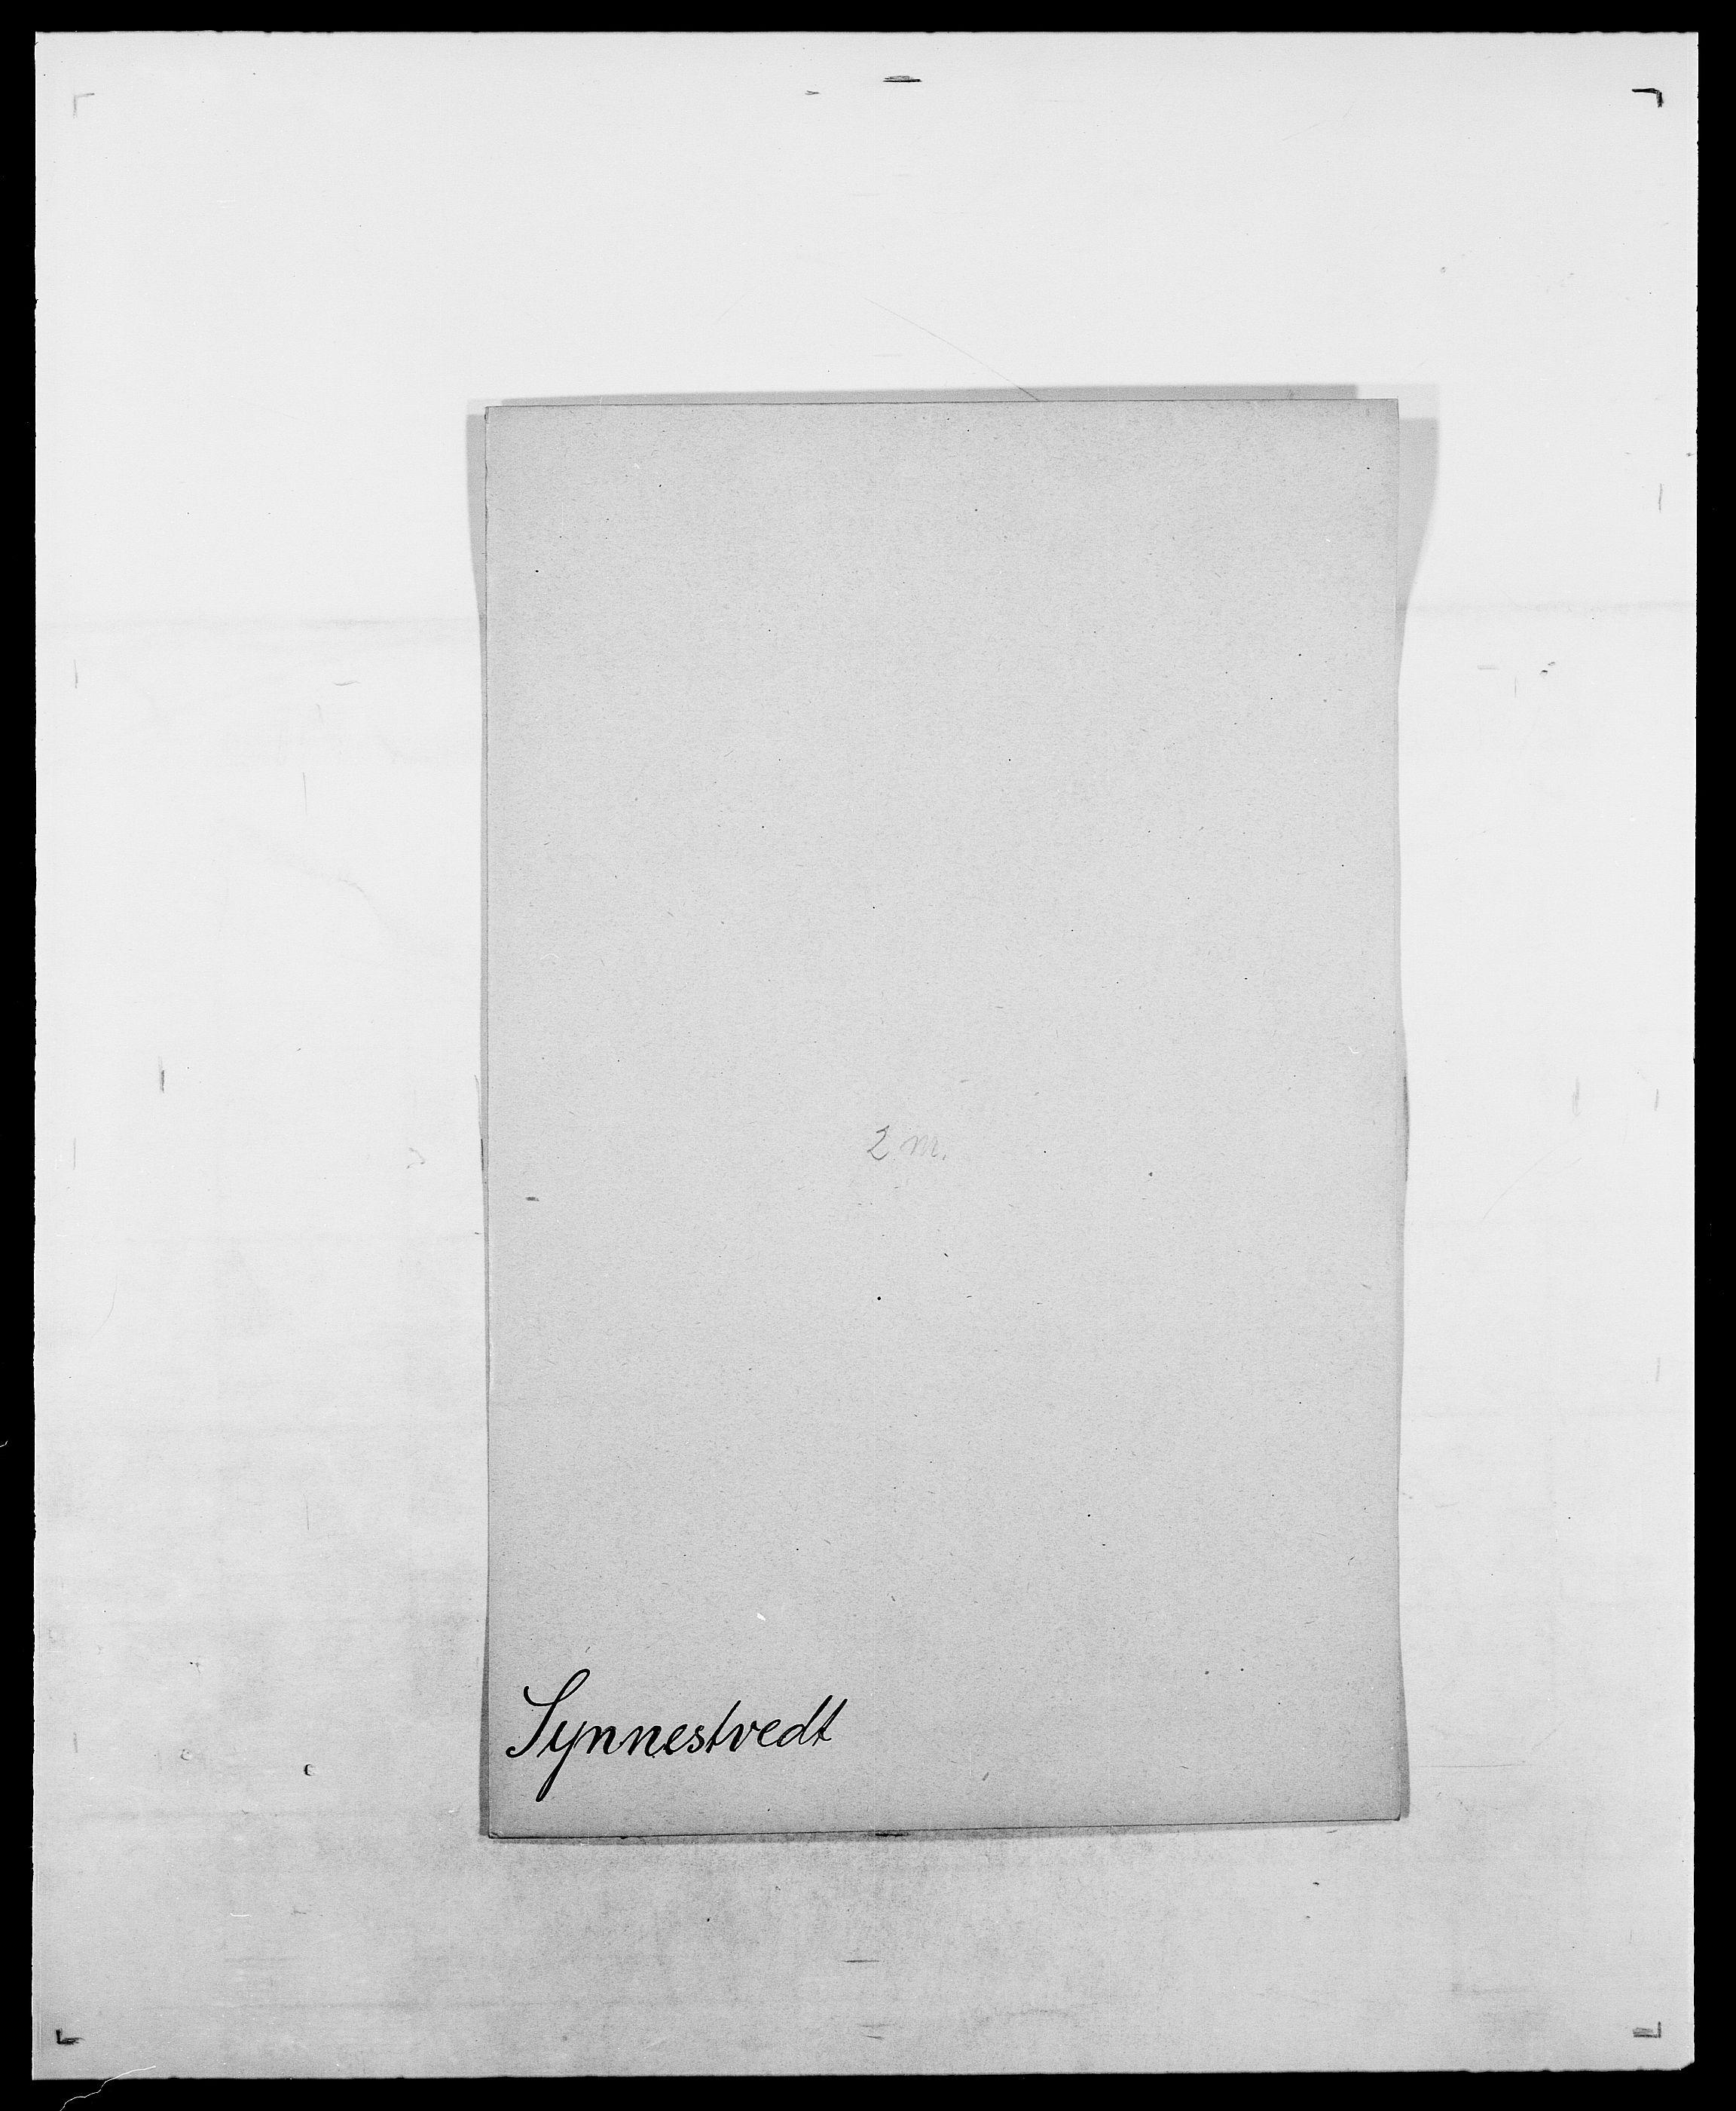 SAO, Delgobe, Charles Antoine - samling, D/Da/L0038: Svanenskjold - Thornsohn, s. 101